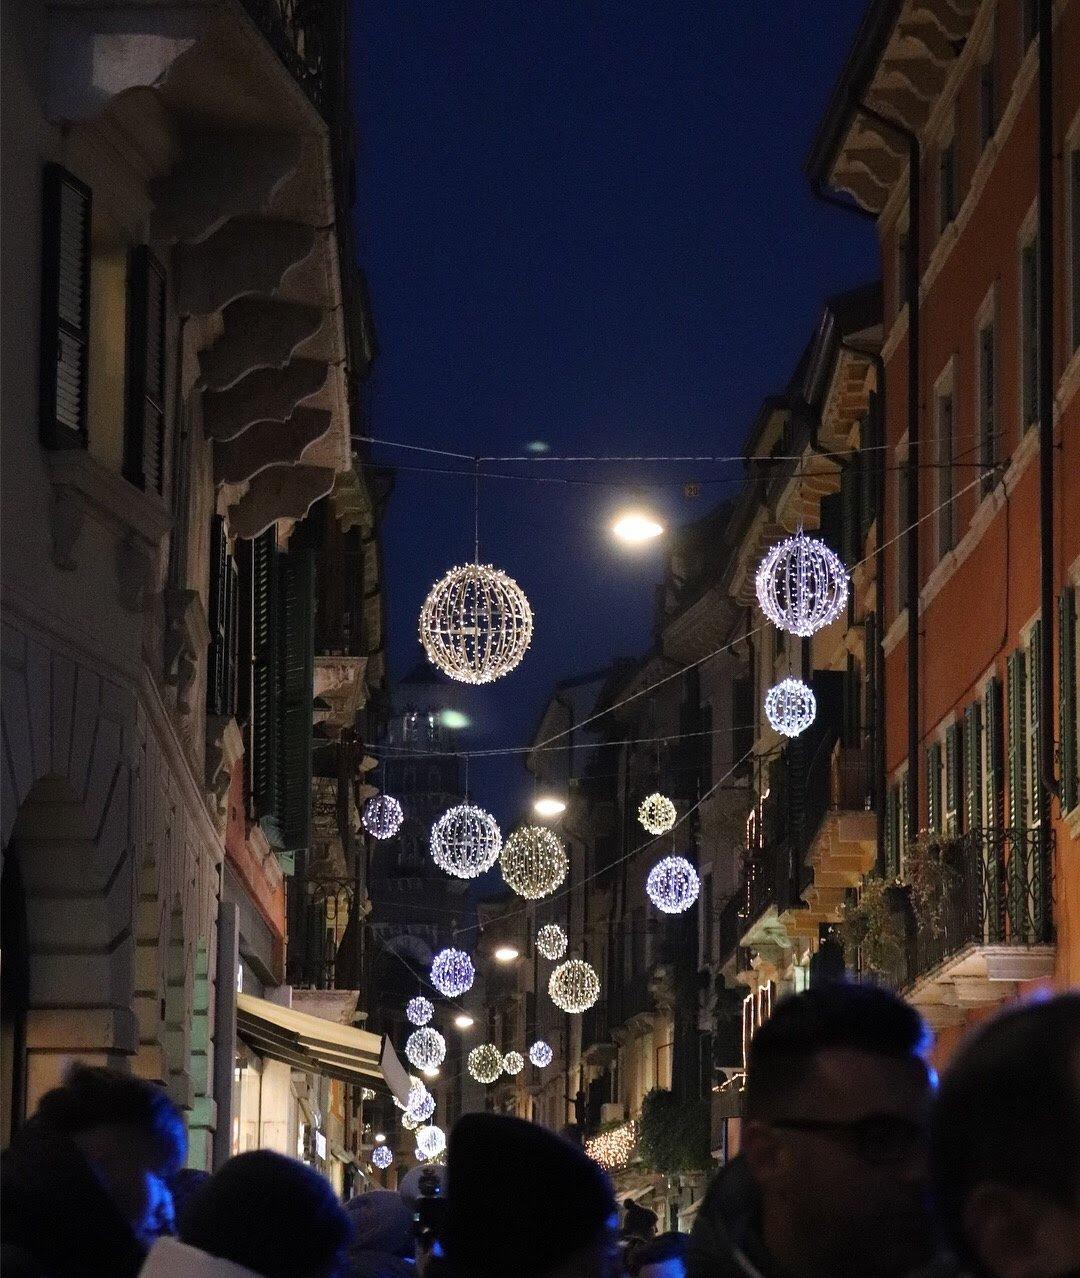 Verona, Italy City Streets